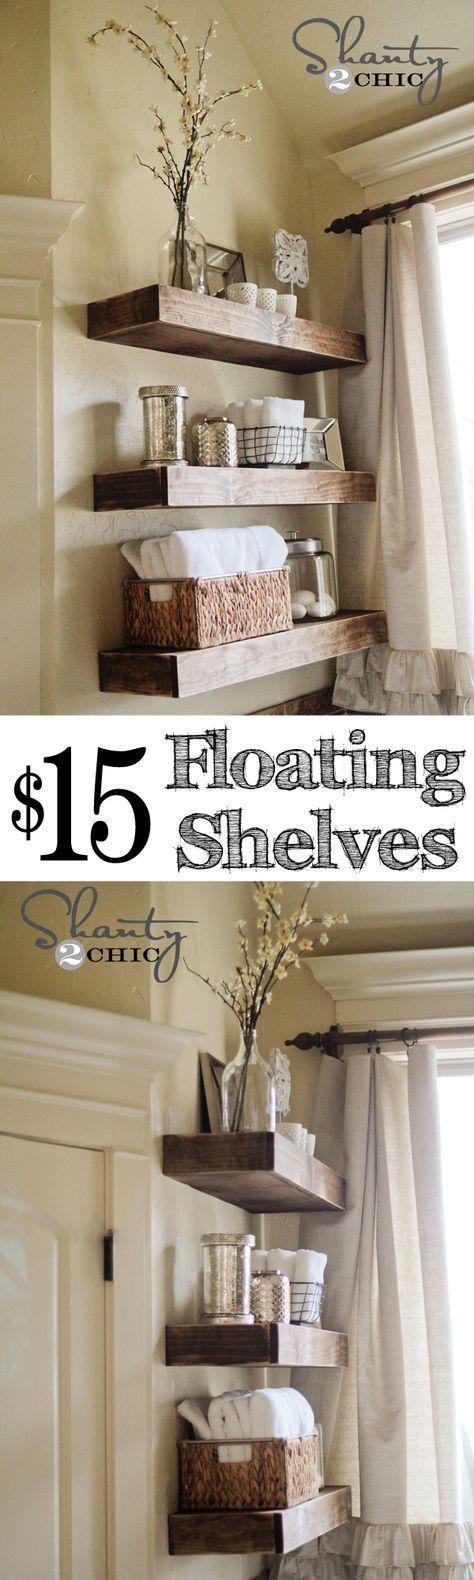 Best 25 Floating Shelves Ideas On Pinterest Shelving